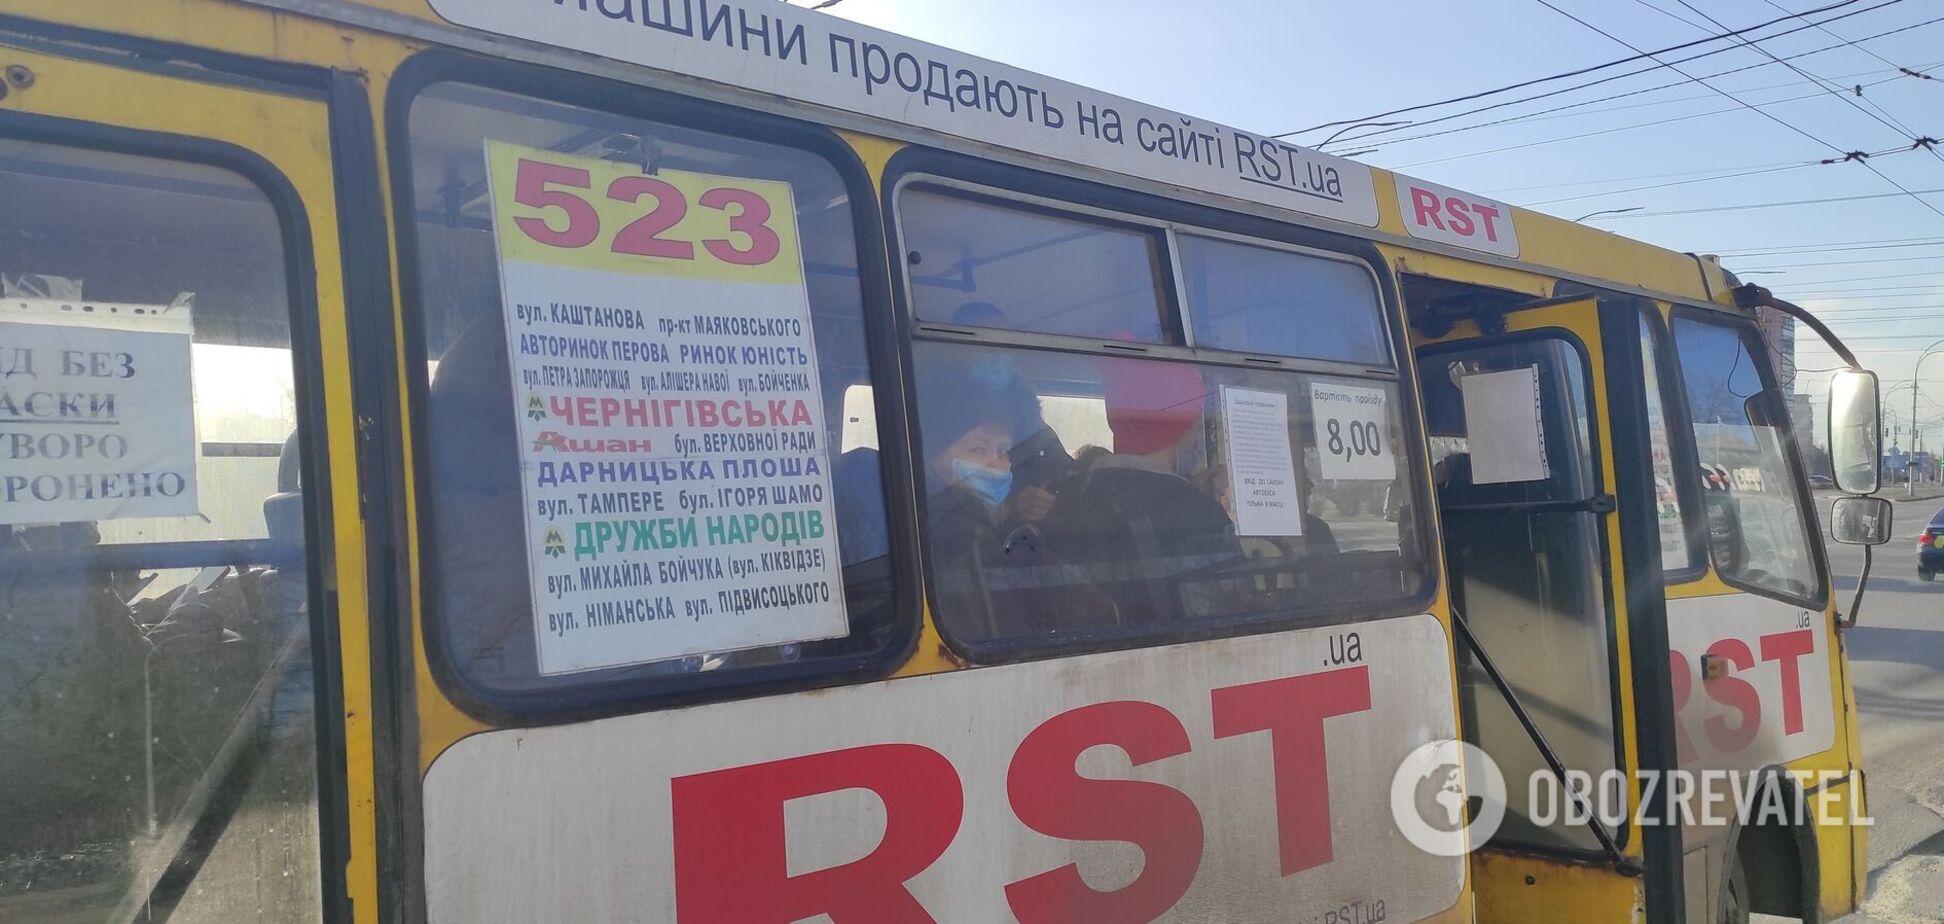 В Киеве маршрутки исчезнут через 2-3 года, – Кличко